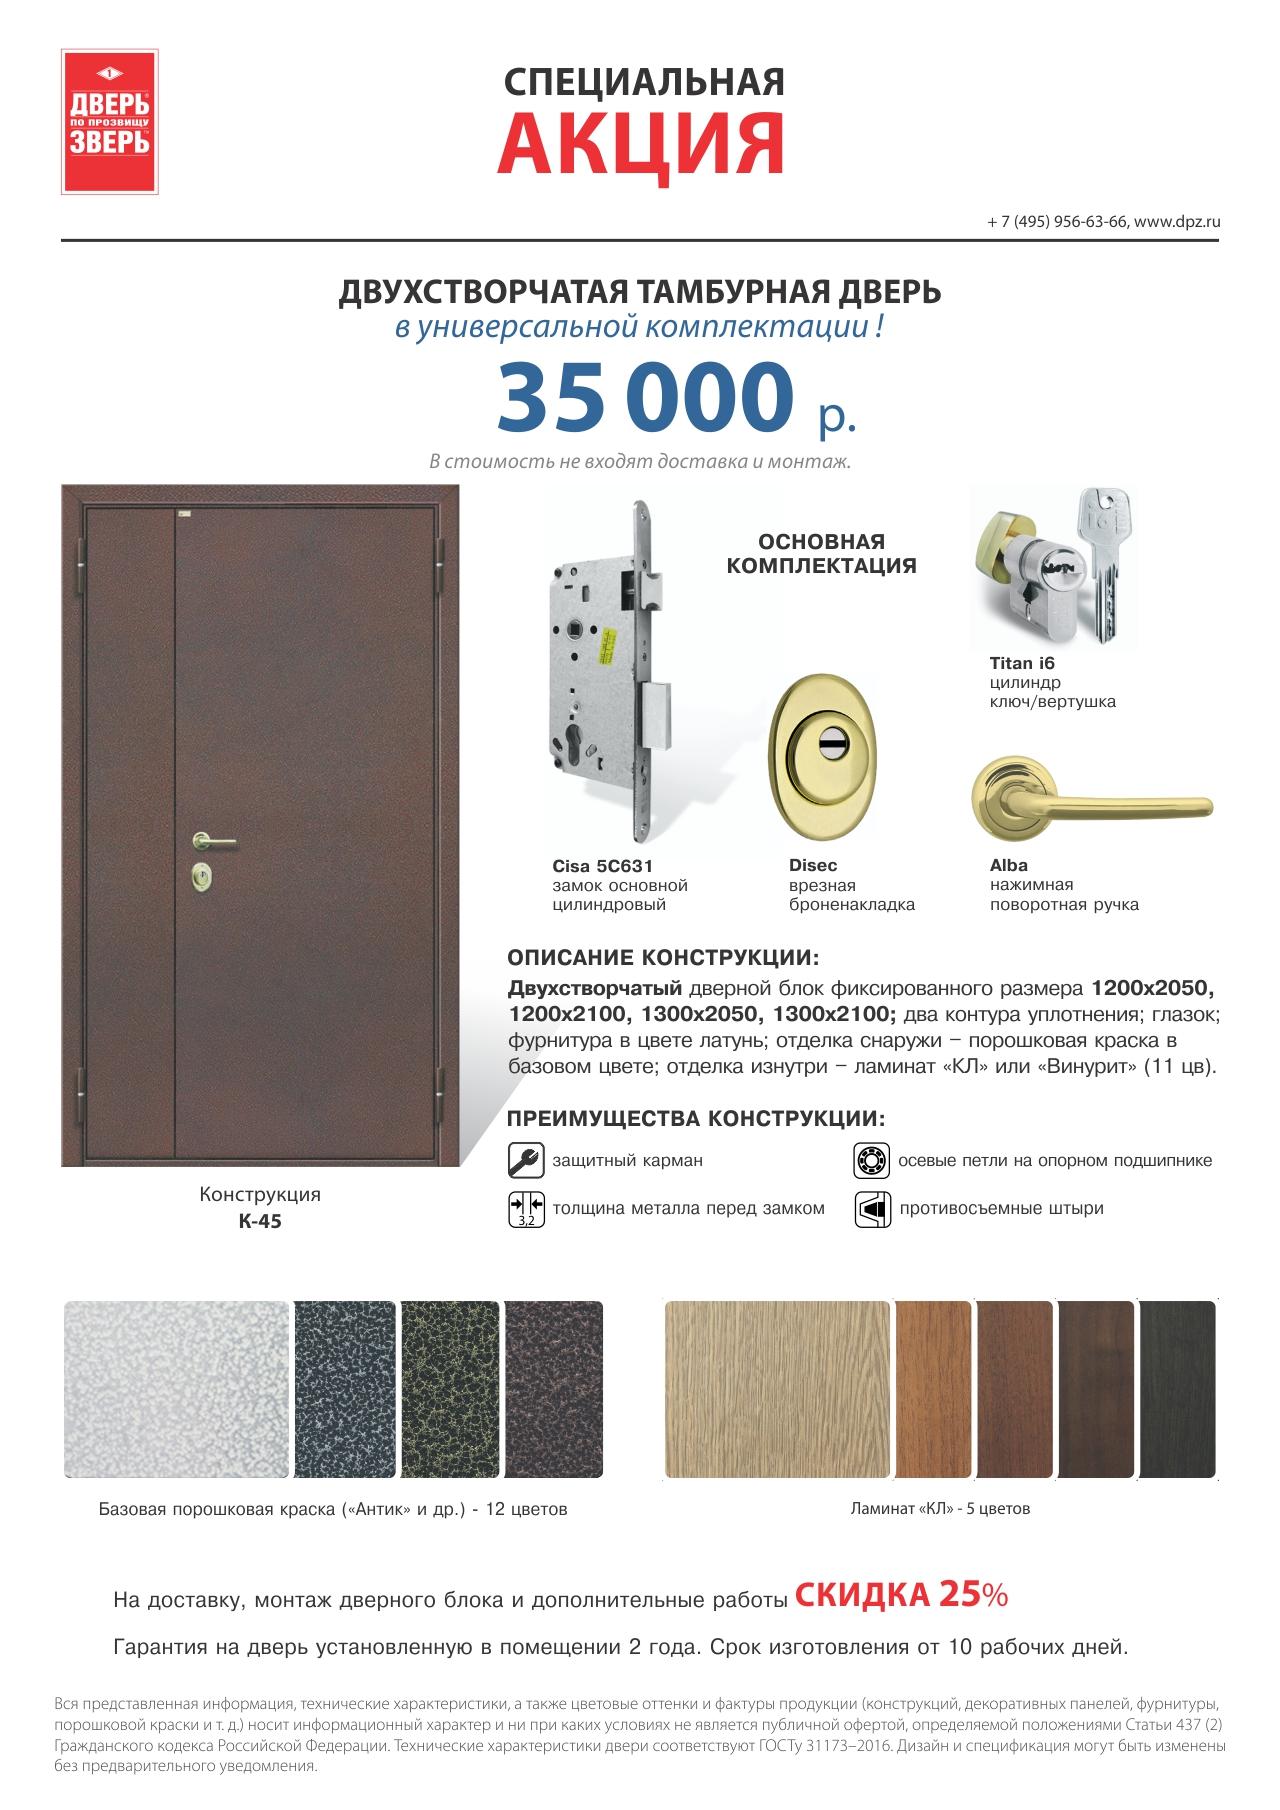 Спецпредложение на двухстворчатую тамбурную дверь